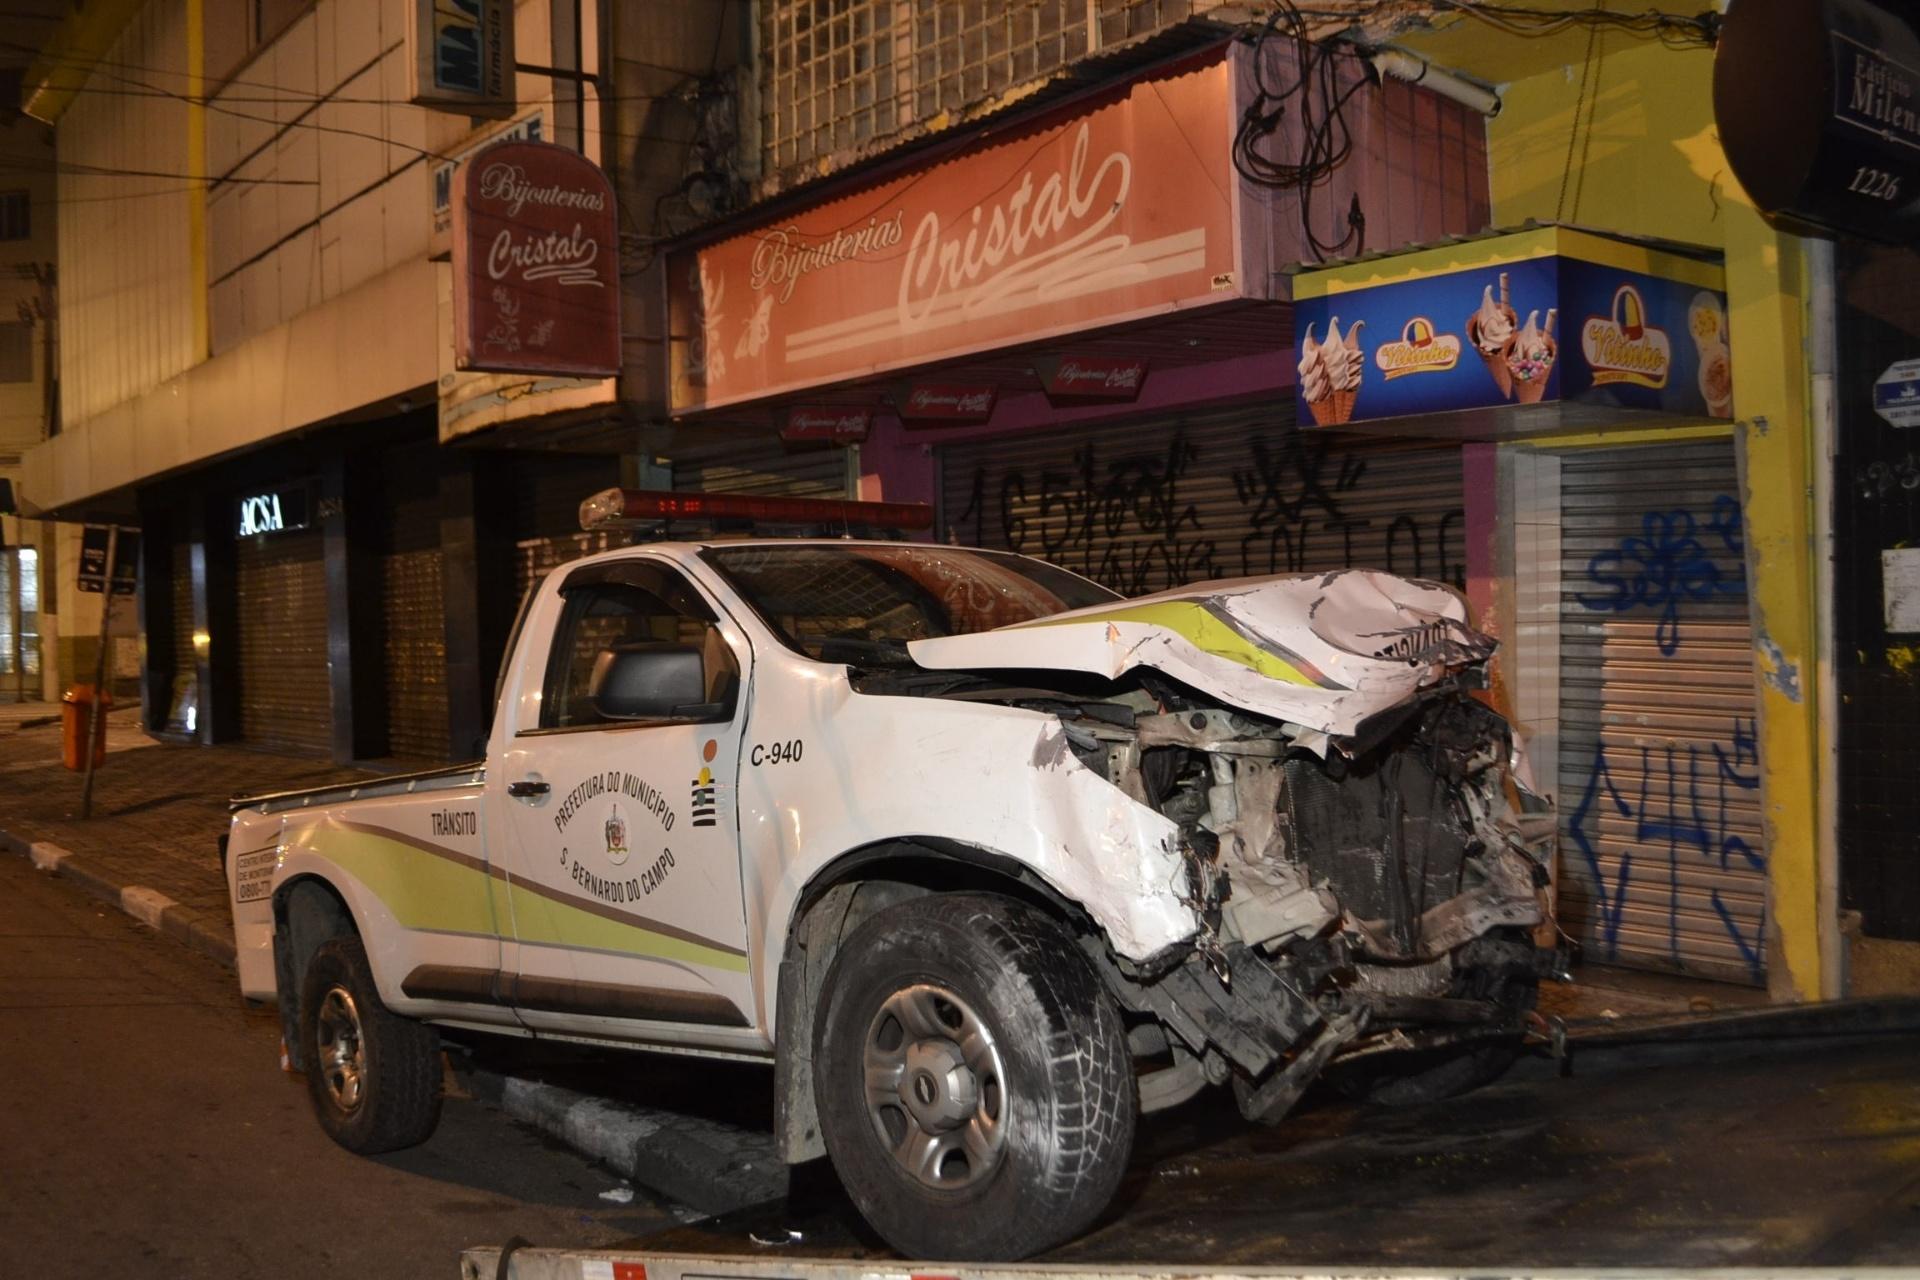 25.jun.2016 - Acidente grave envolvendo dois veículos deixa um morto e dois feridos na Avenida Marechal Deodoro em São Bernardo do Campo, em São Paulo. O acidente aconteceu após uma viatura do trânsito da cidade ultrapassar o farol vermelho. O caso esta sendo investigado pela delegacia de São Bernardo